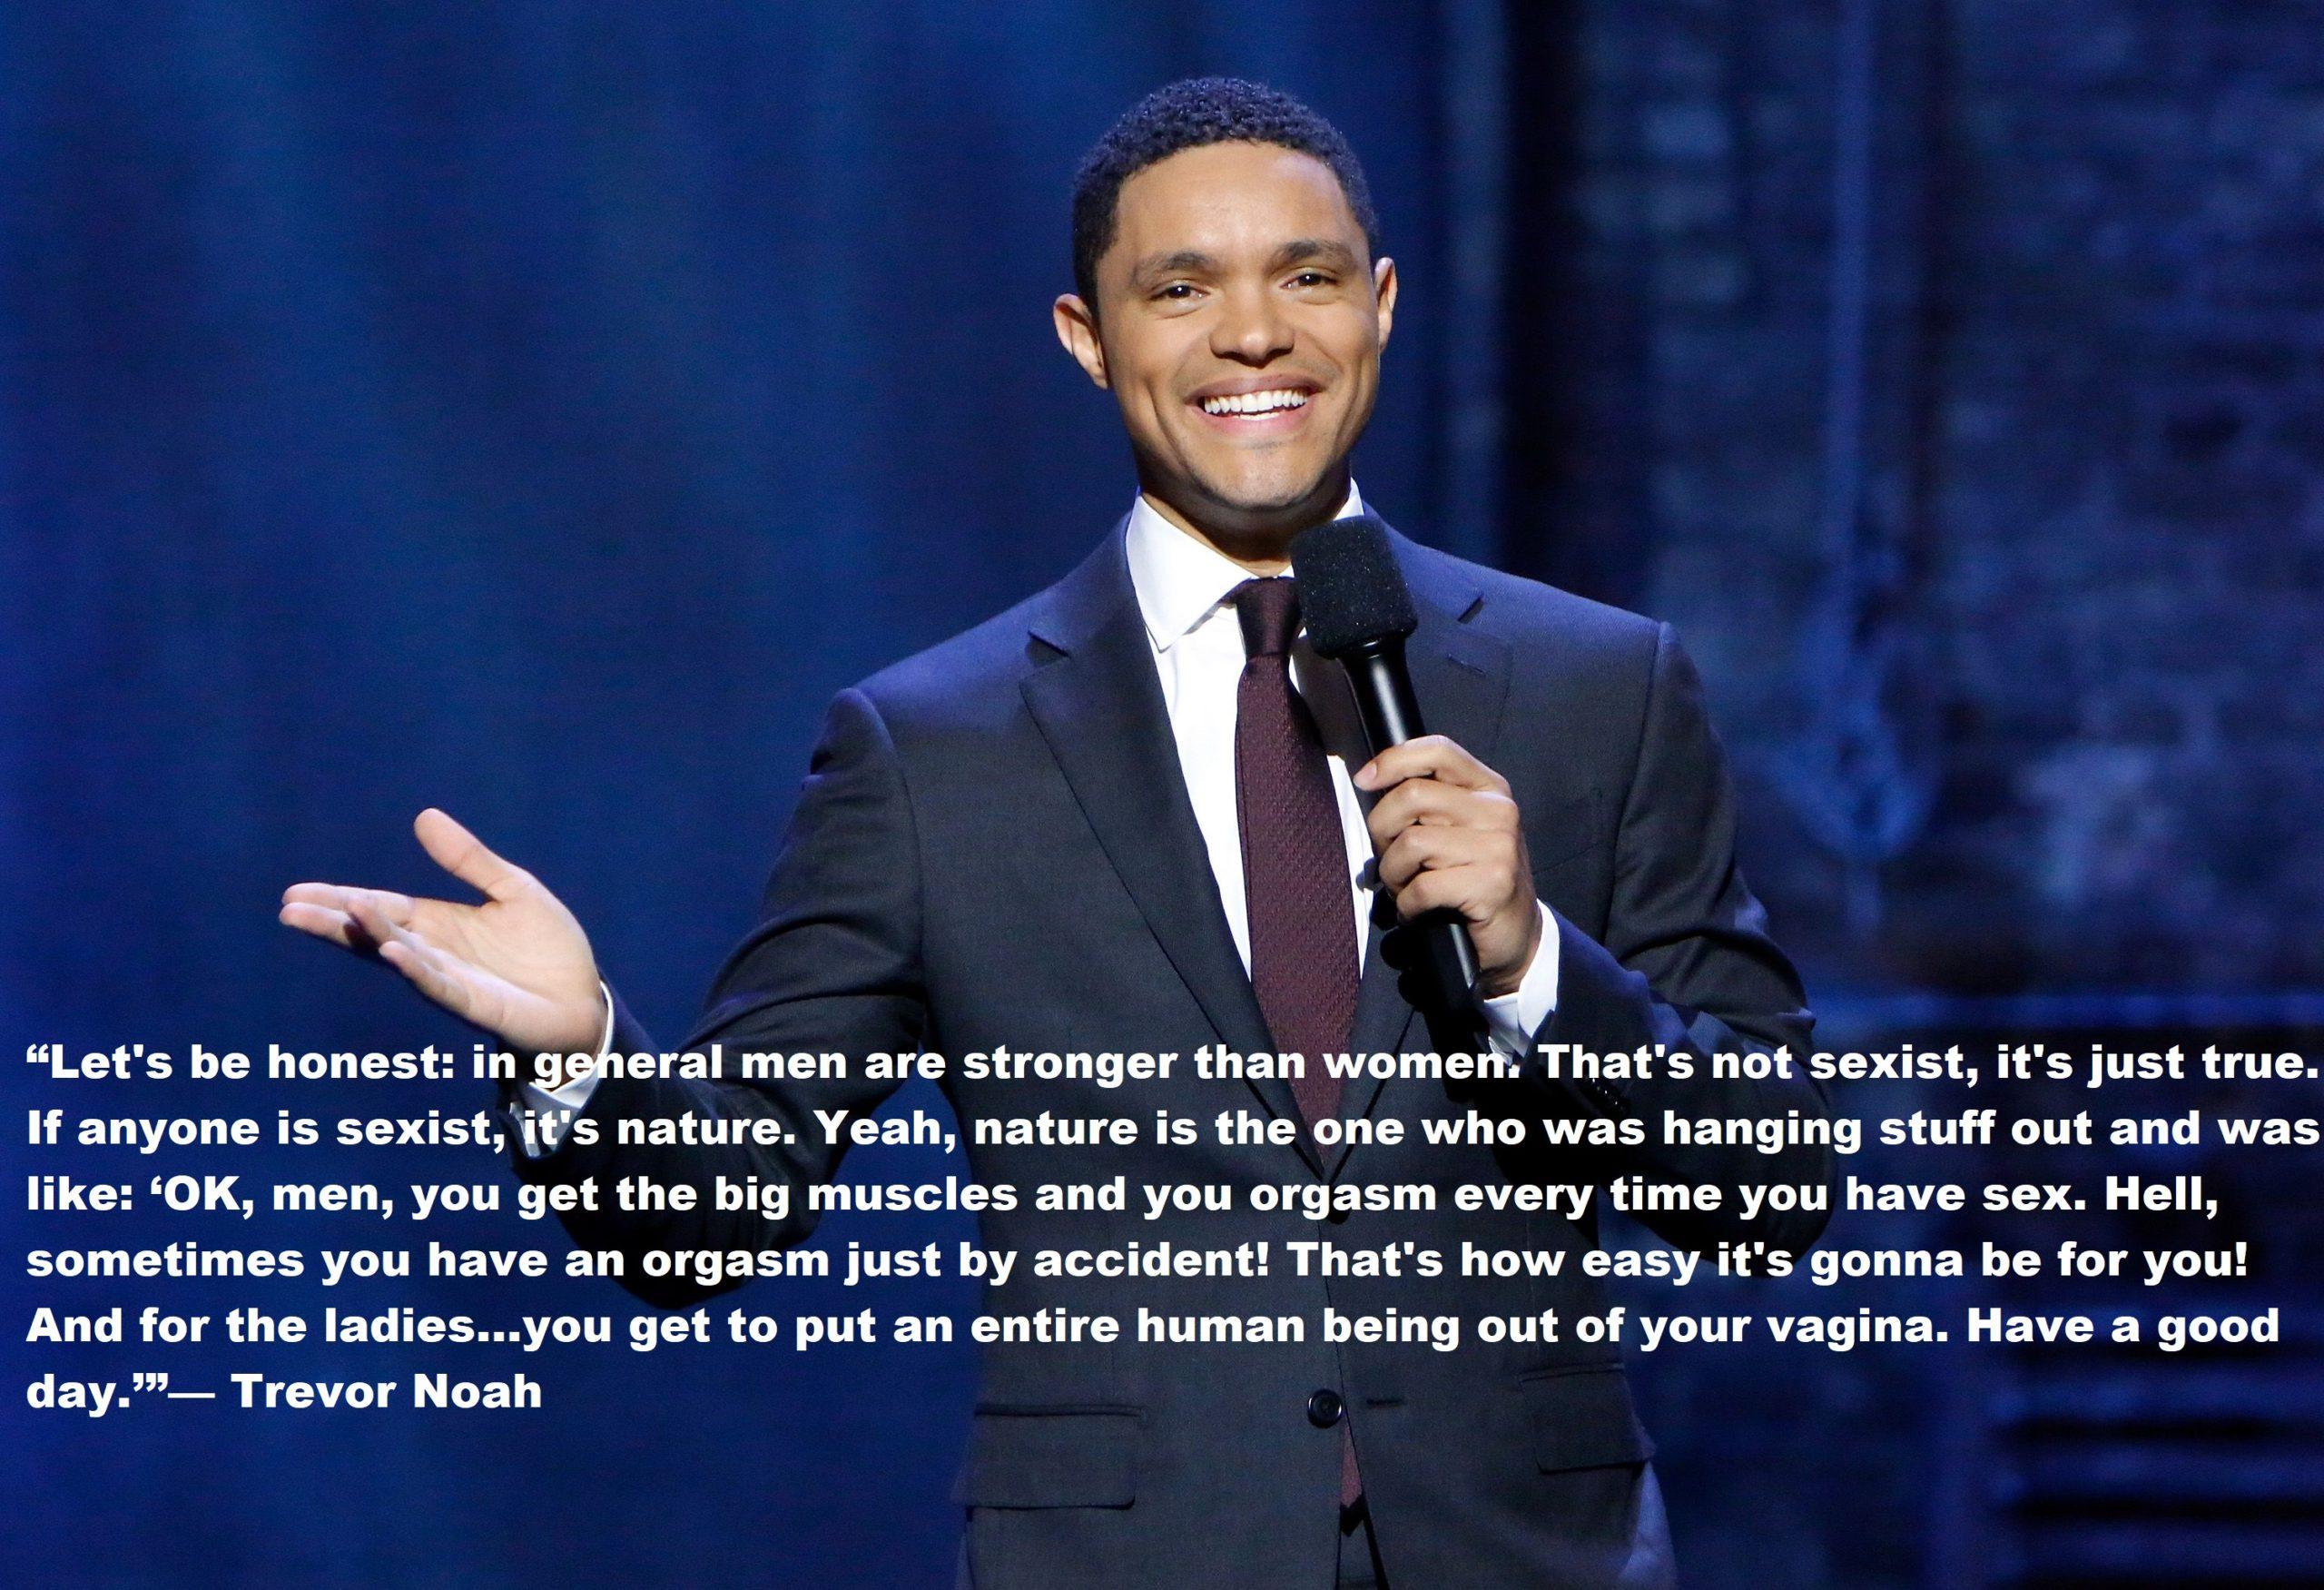 Trevor Noah Quotes